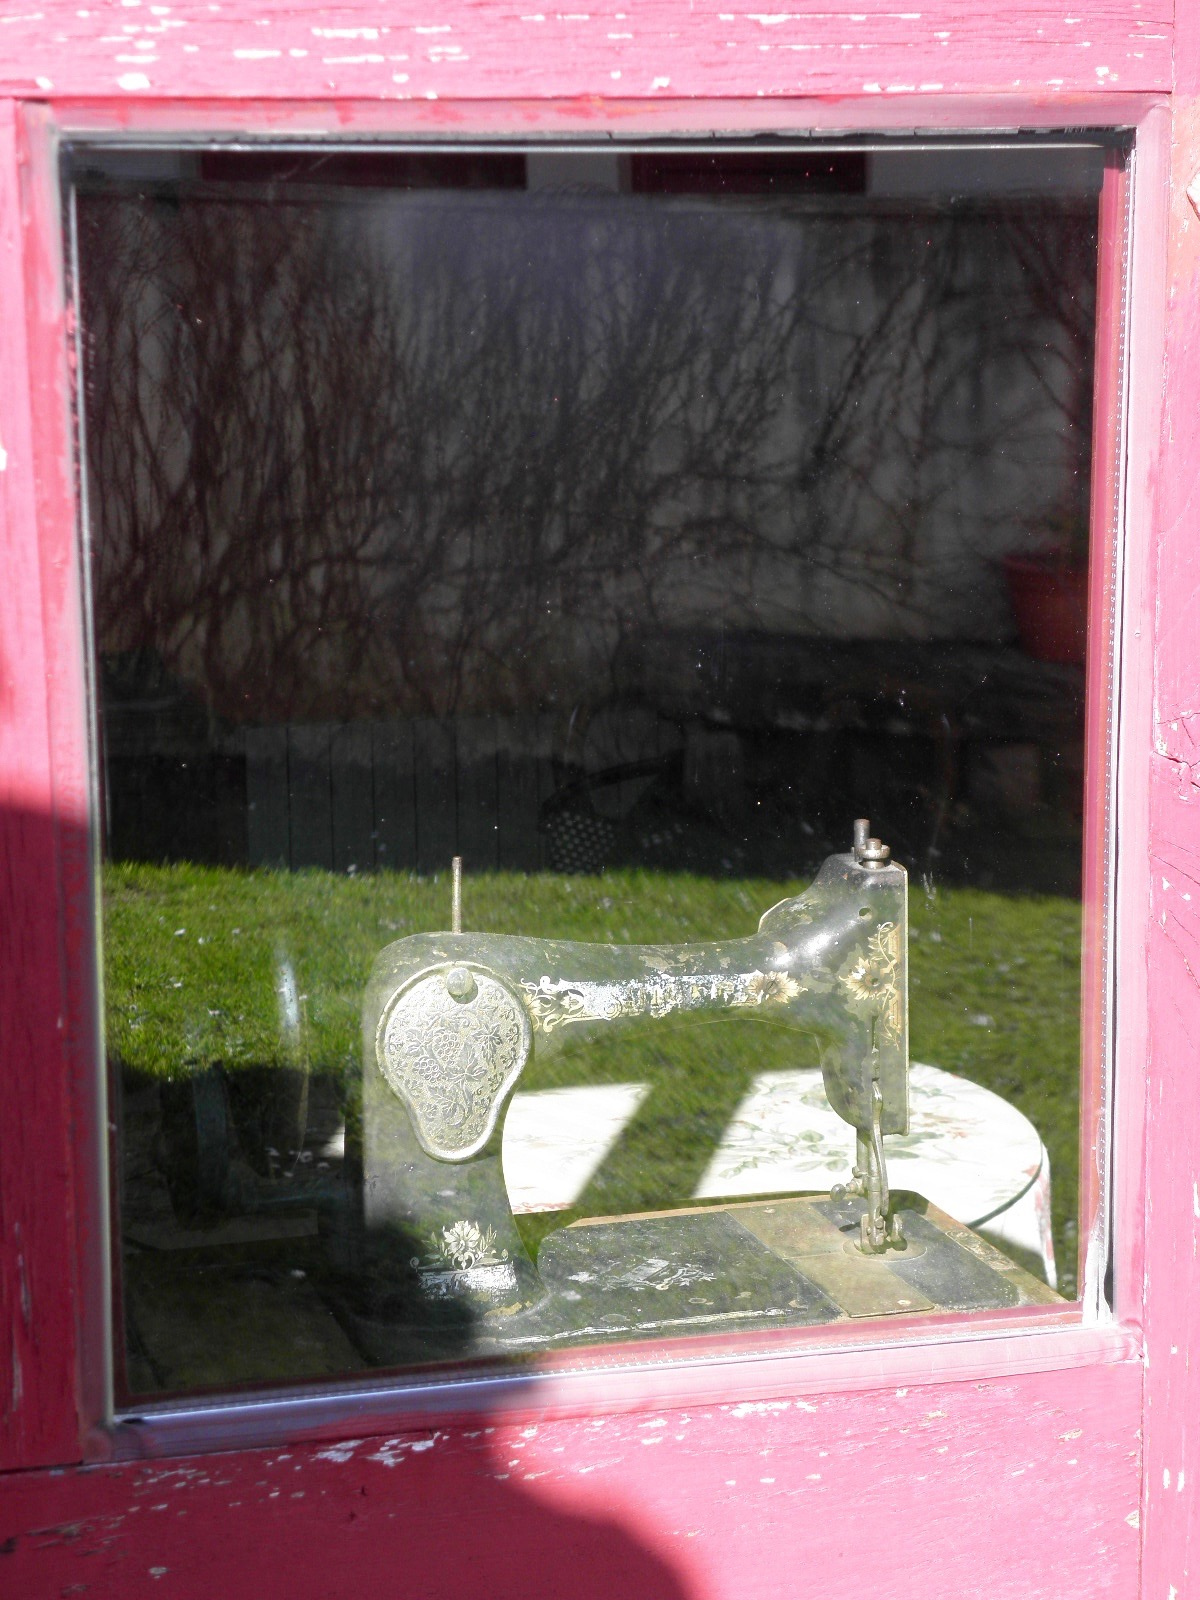 Ventana con máquina de coser en Casa de Roque Turismo rural de Galicia (Outes - Galicia)